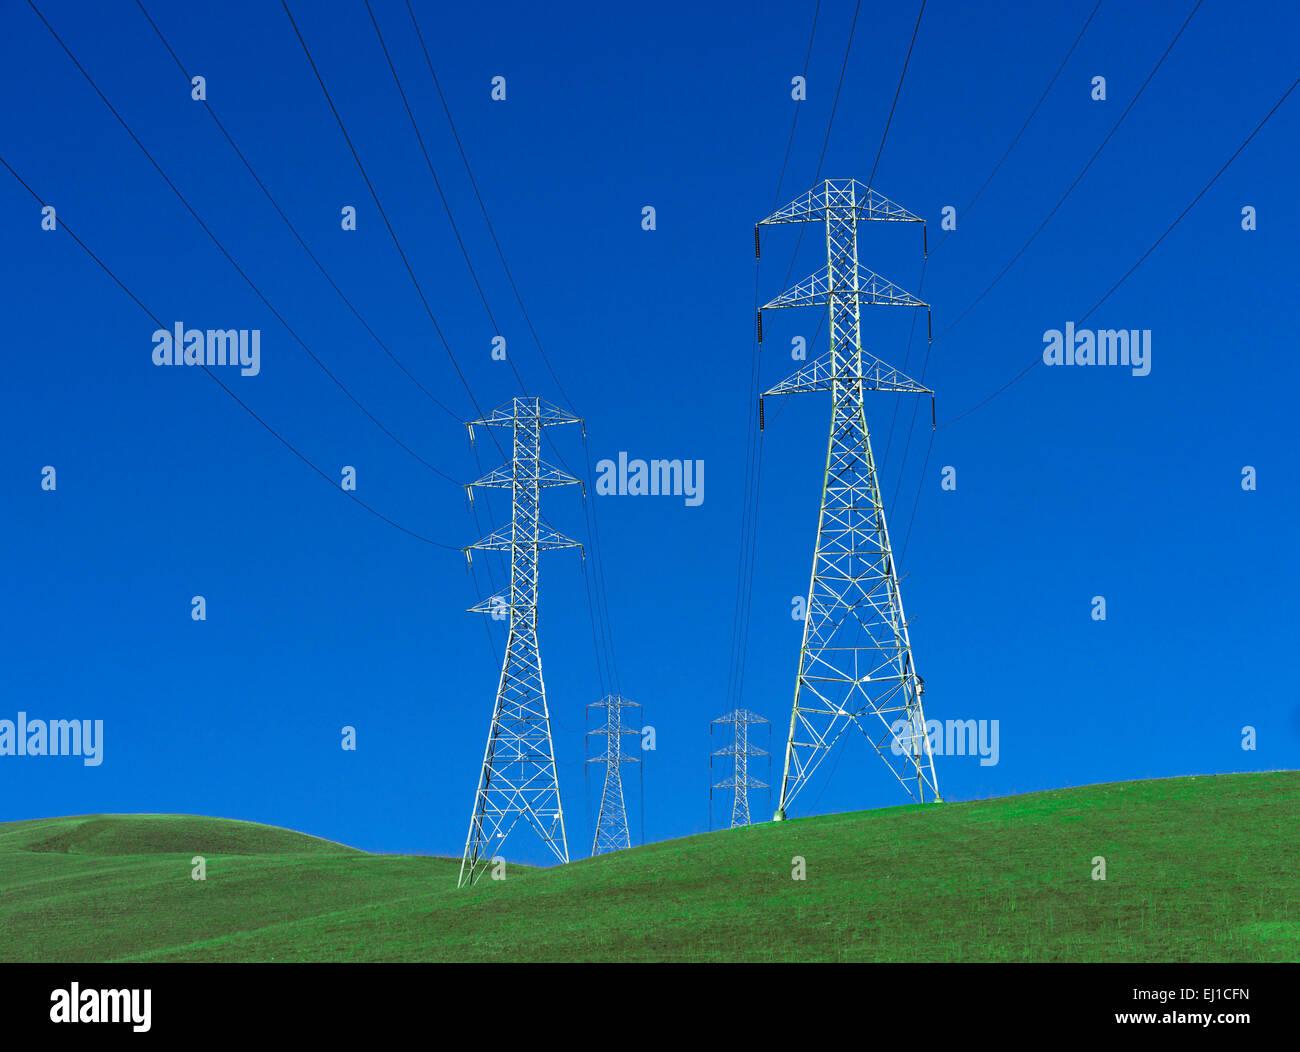 Strommasten stehen auf hügeligen grünen Rasen mit tiefblauen Himmel Stockbild